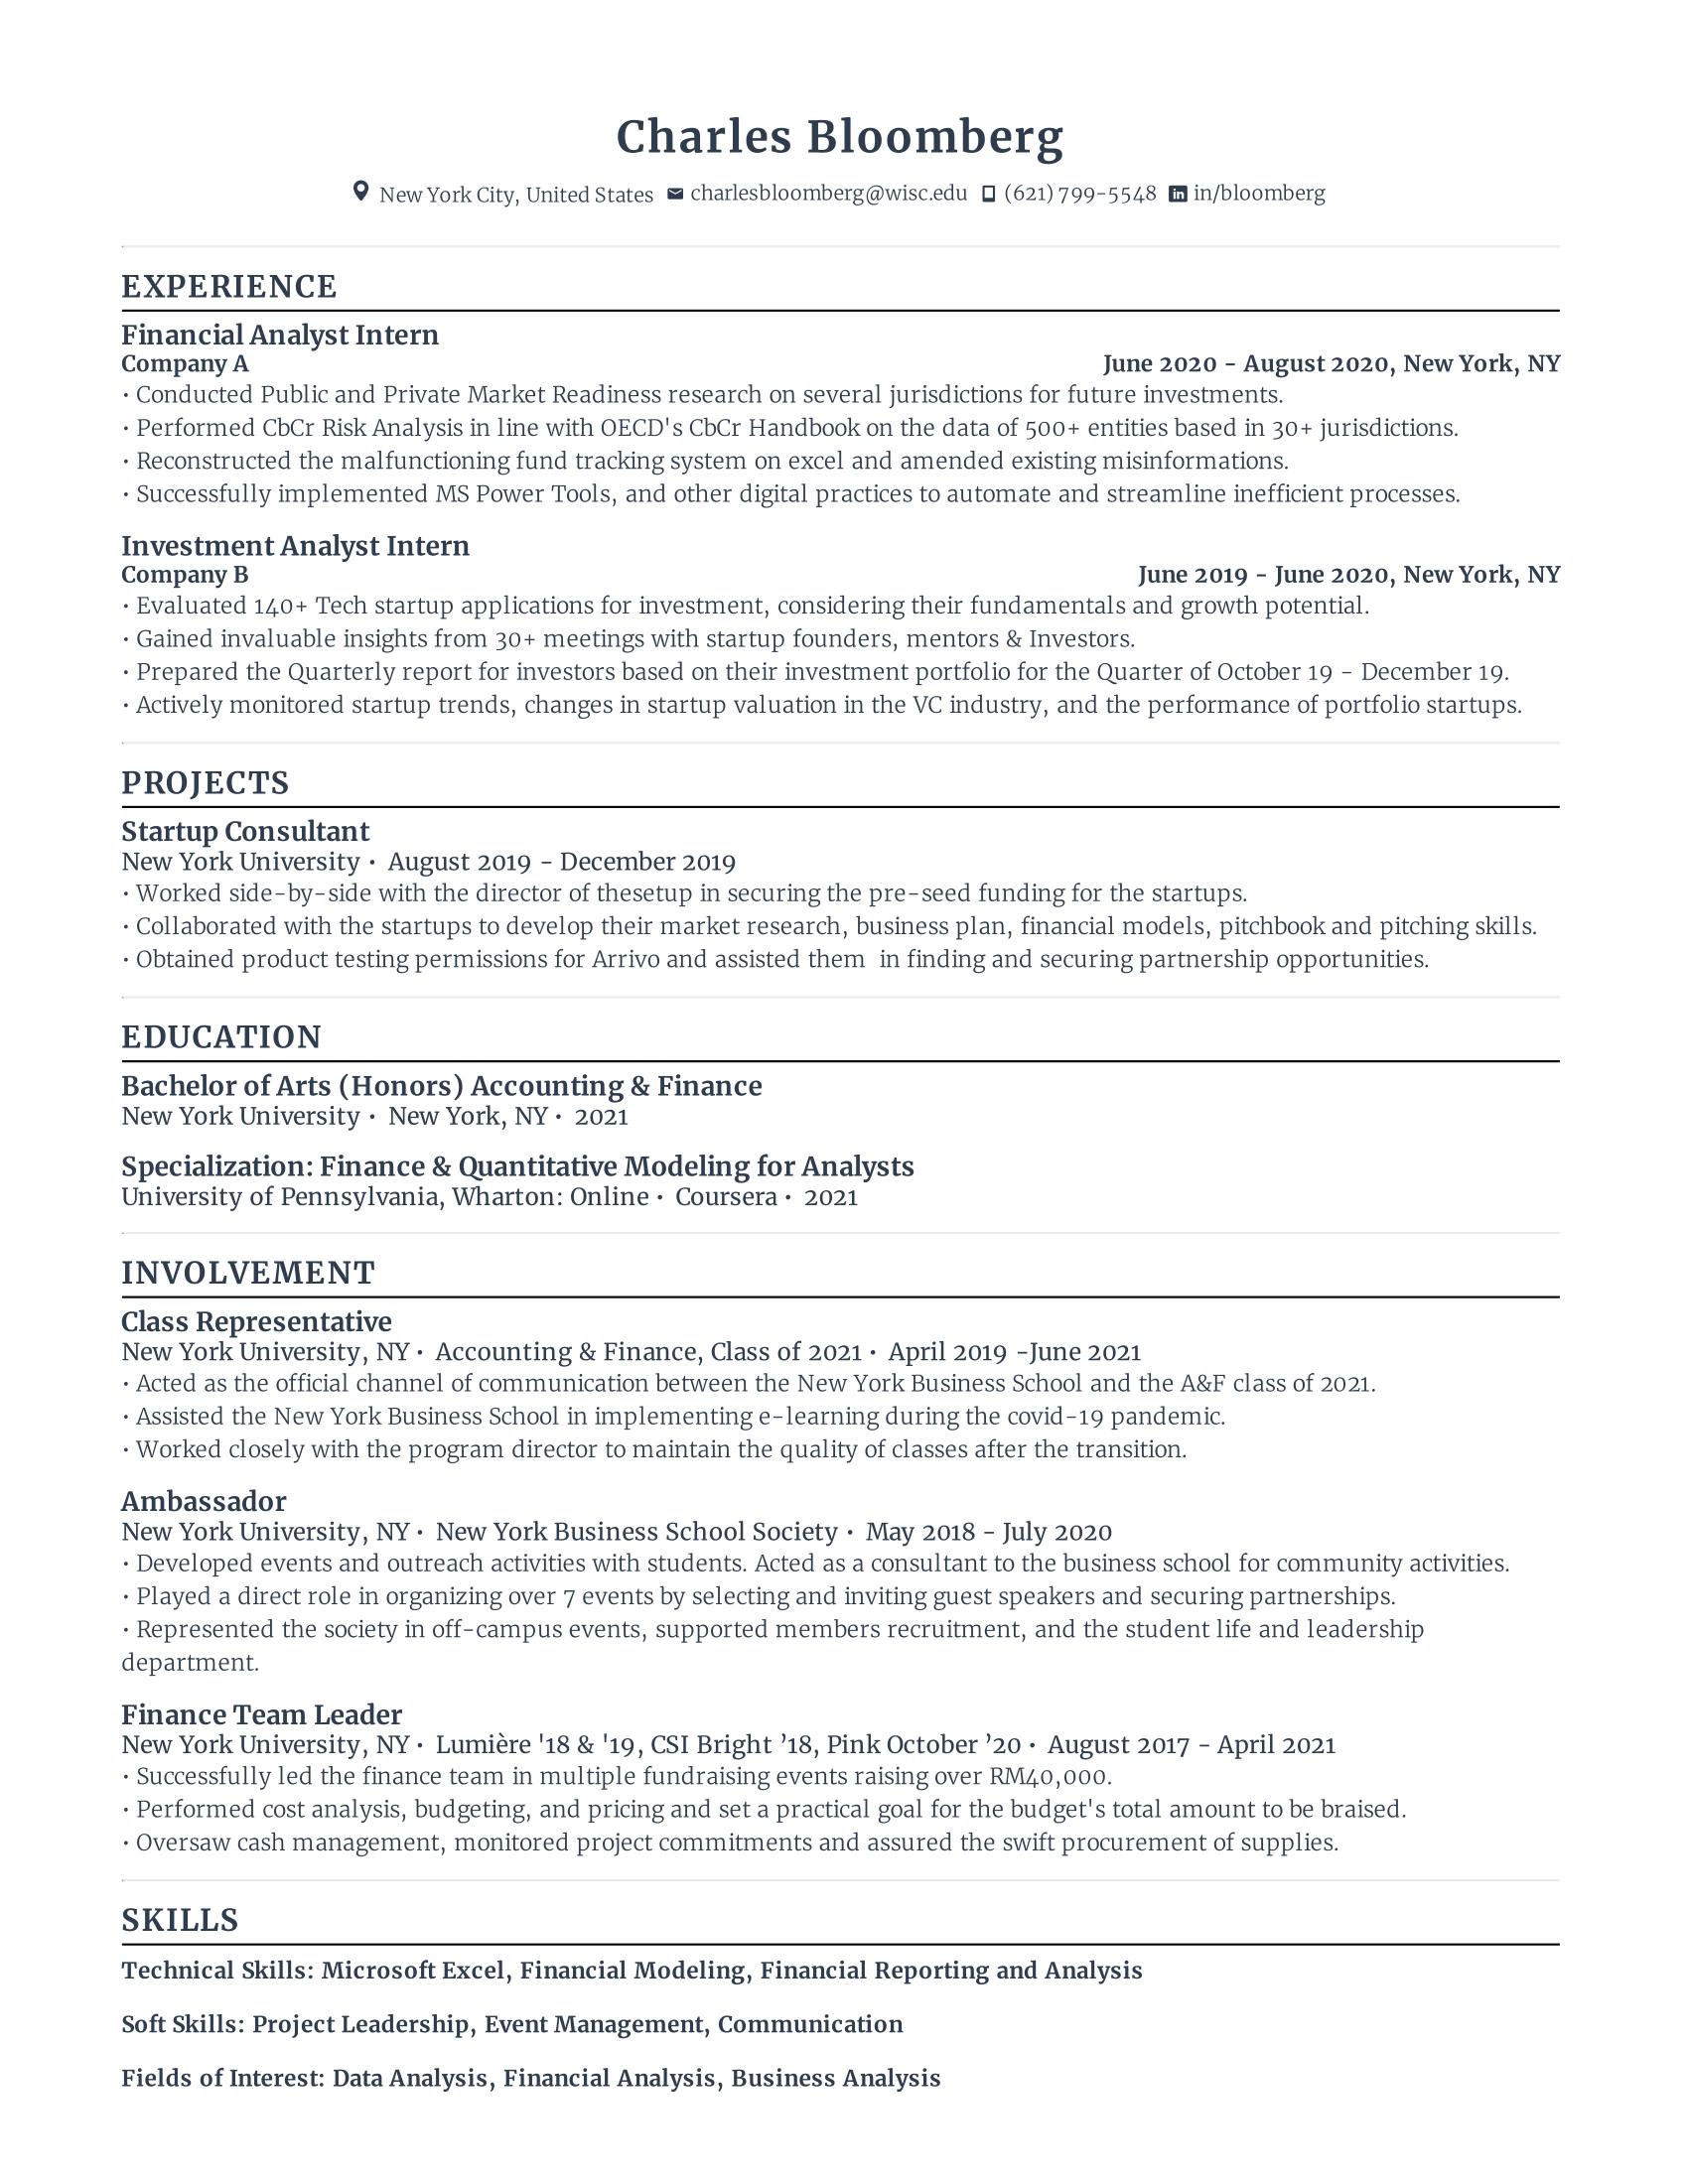 financial analyst intern